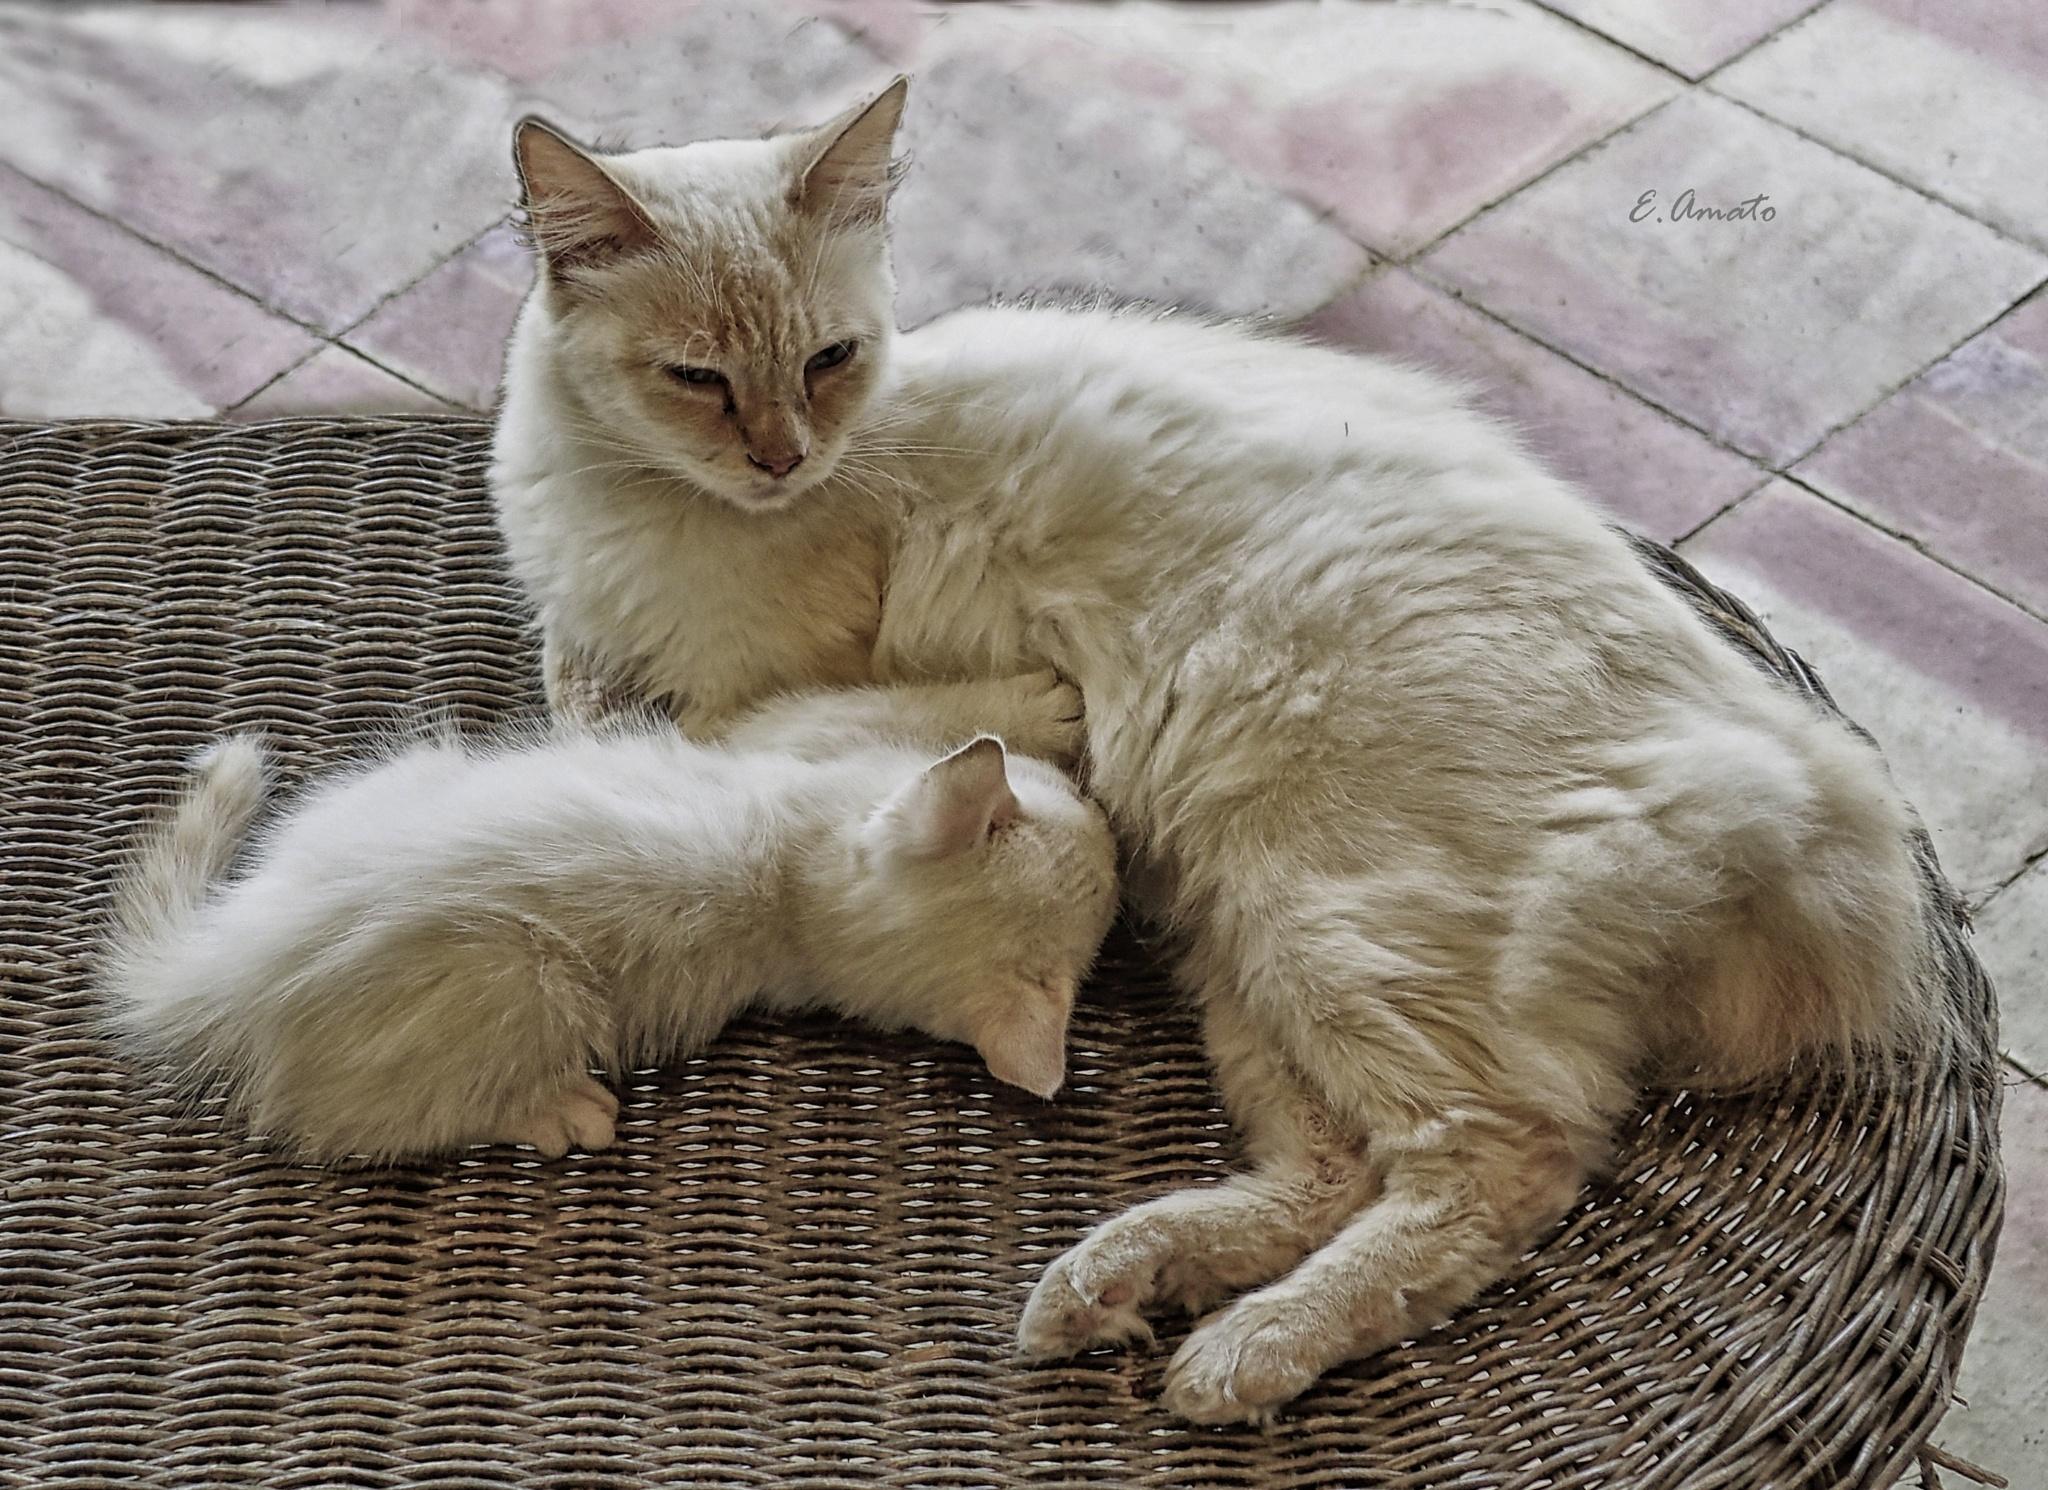 mama cat by ernesto amato